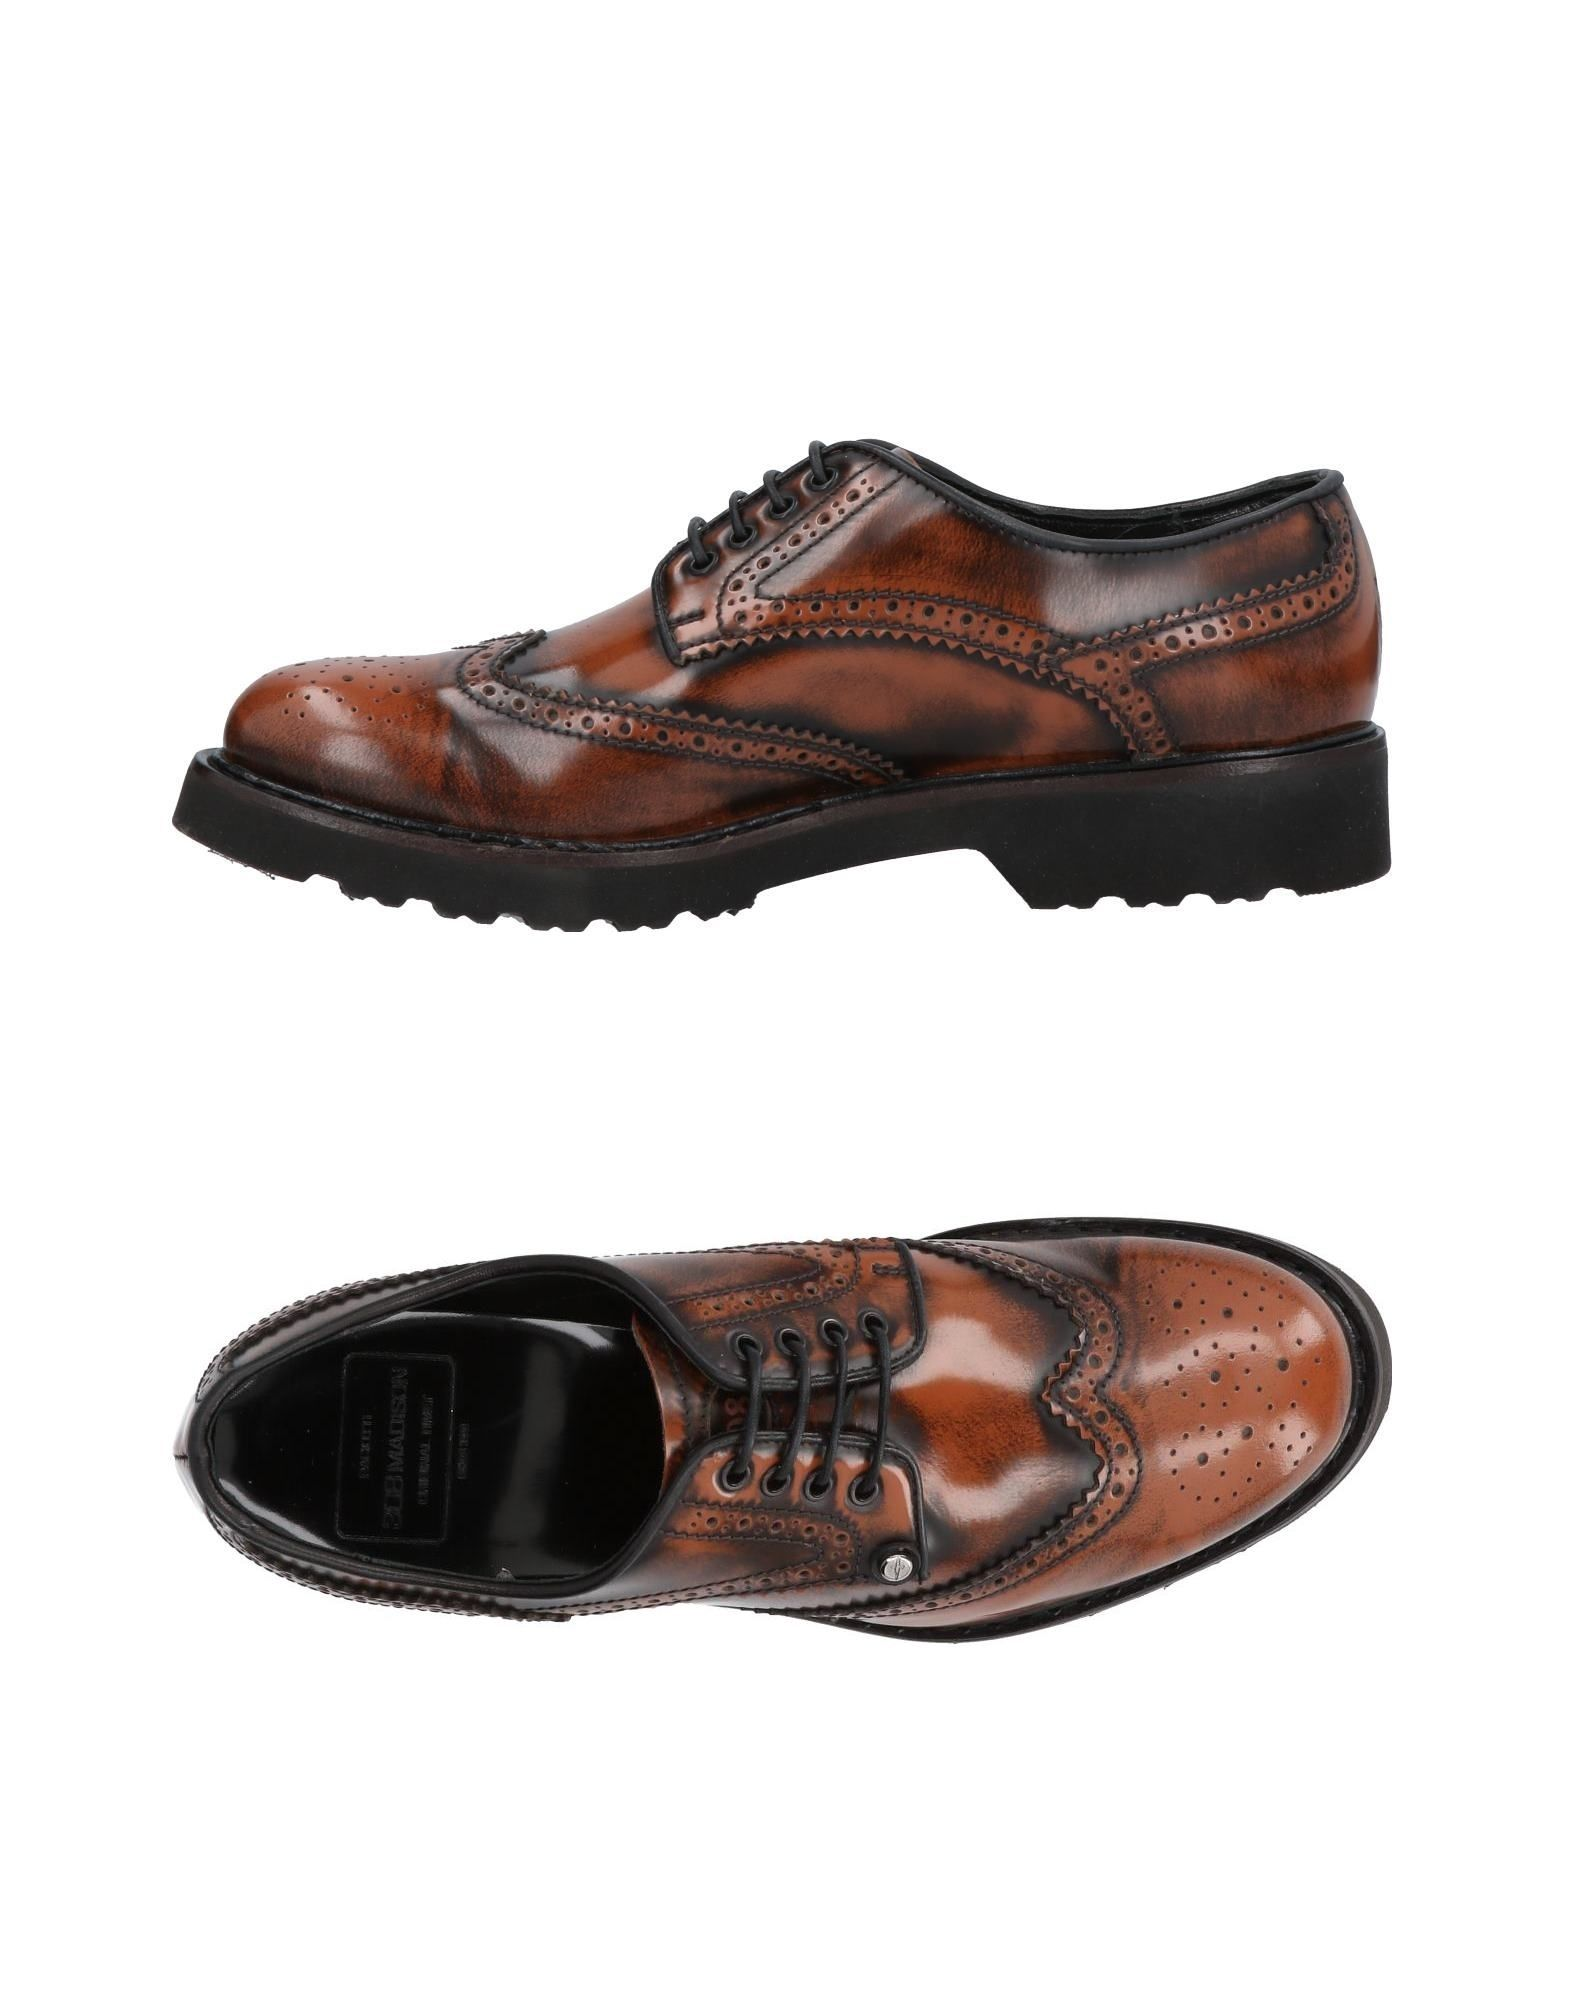 Paciotti 308 Madison Nyc Schnürschuhe Damen  11201629IA Gute Qualität beliebte Schuhe